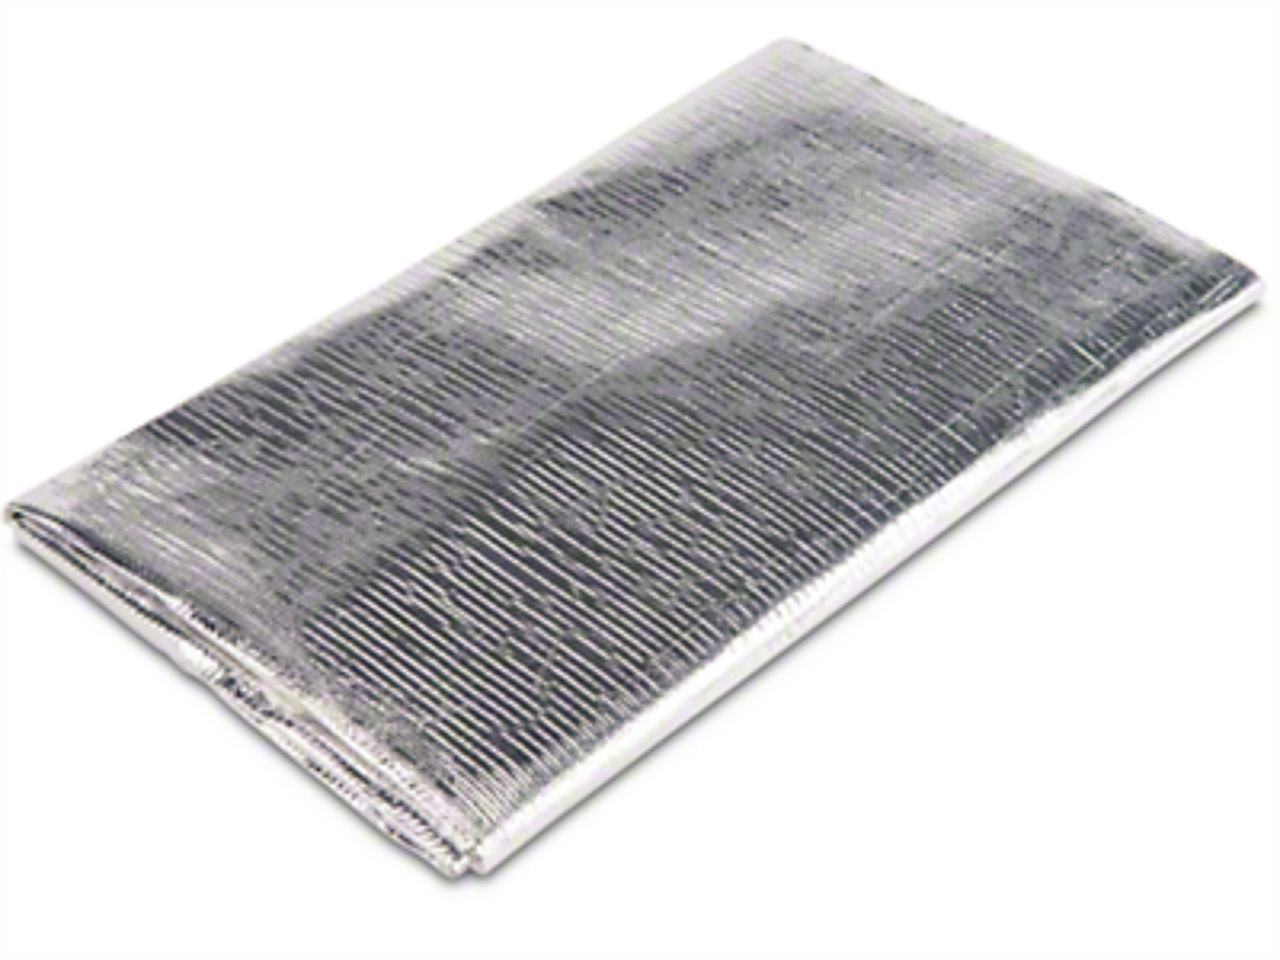 Heatshield HP Heatshield Mat w/ Adhesive